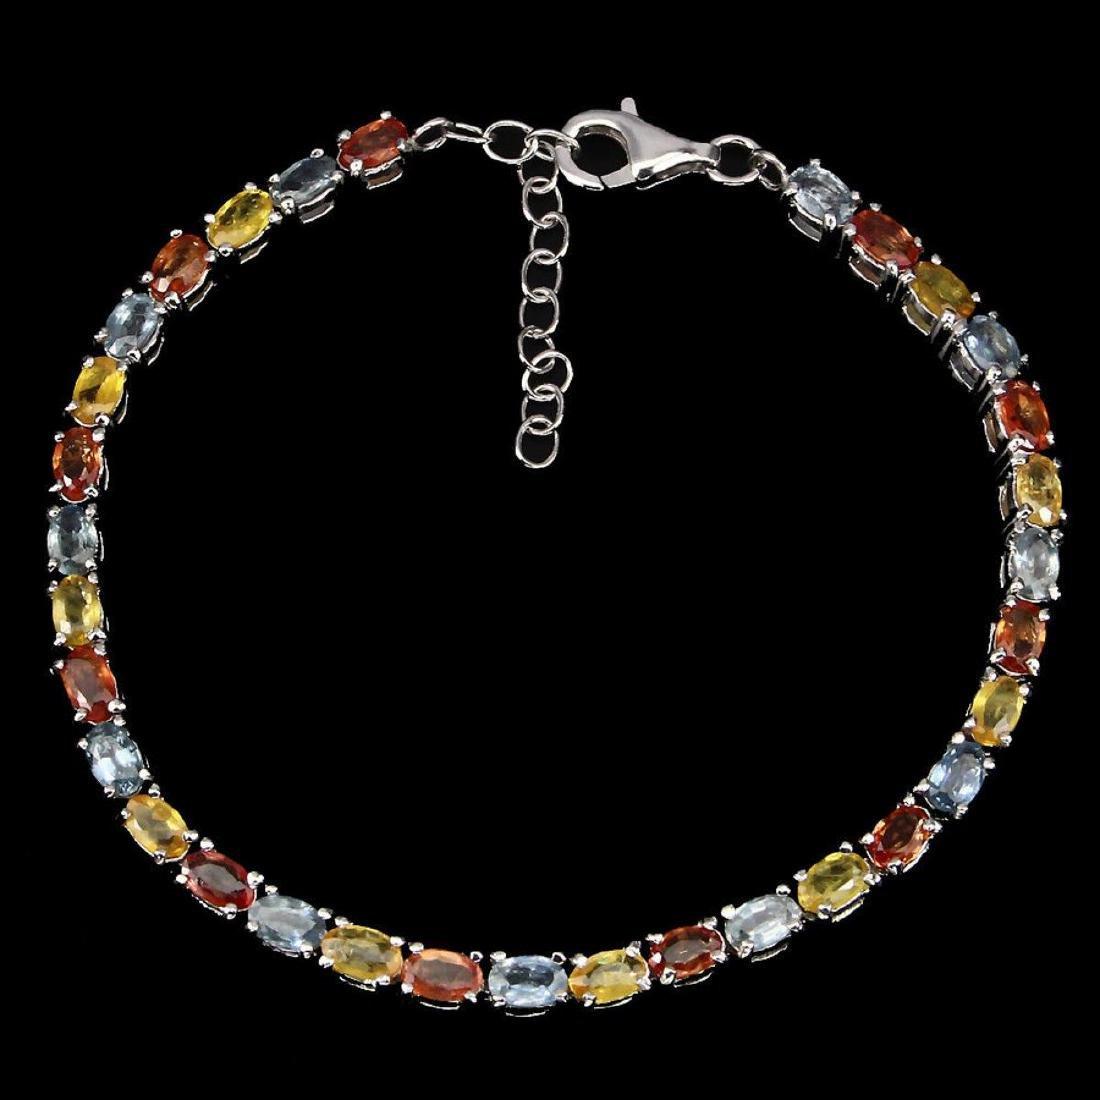 Natural Fancy Color Sapphire 57.20 Carats Bracelet - 2